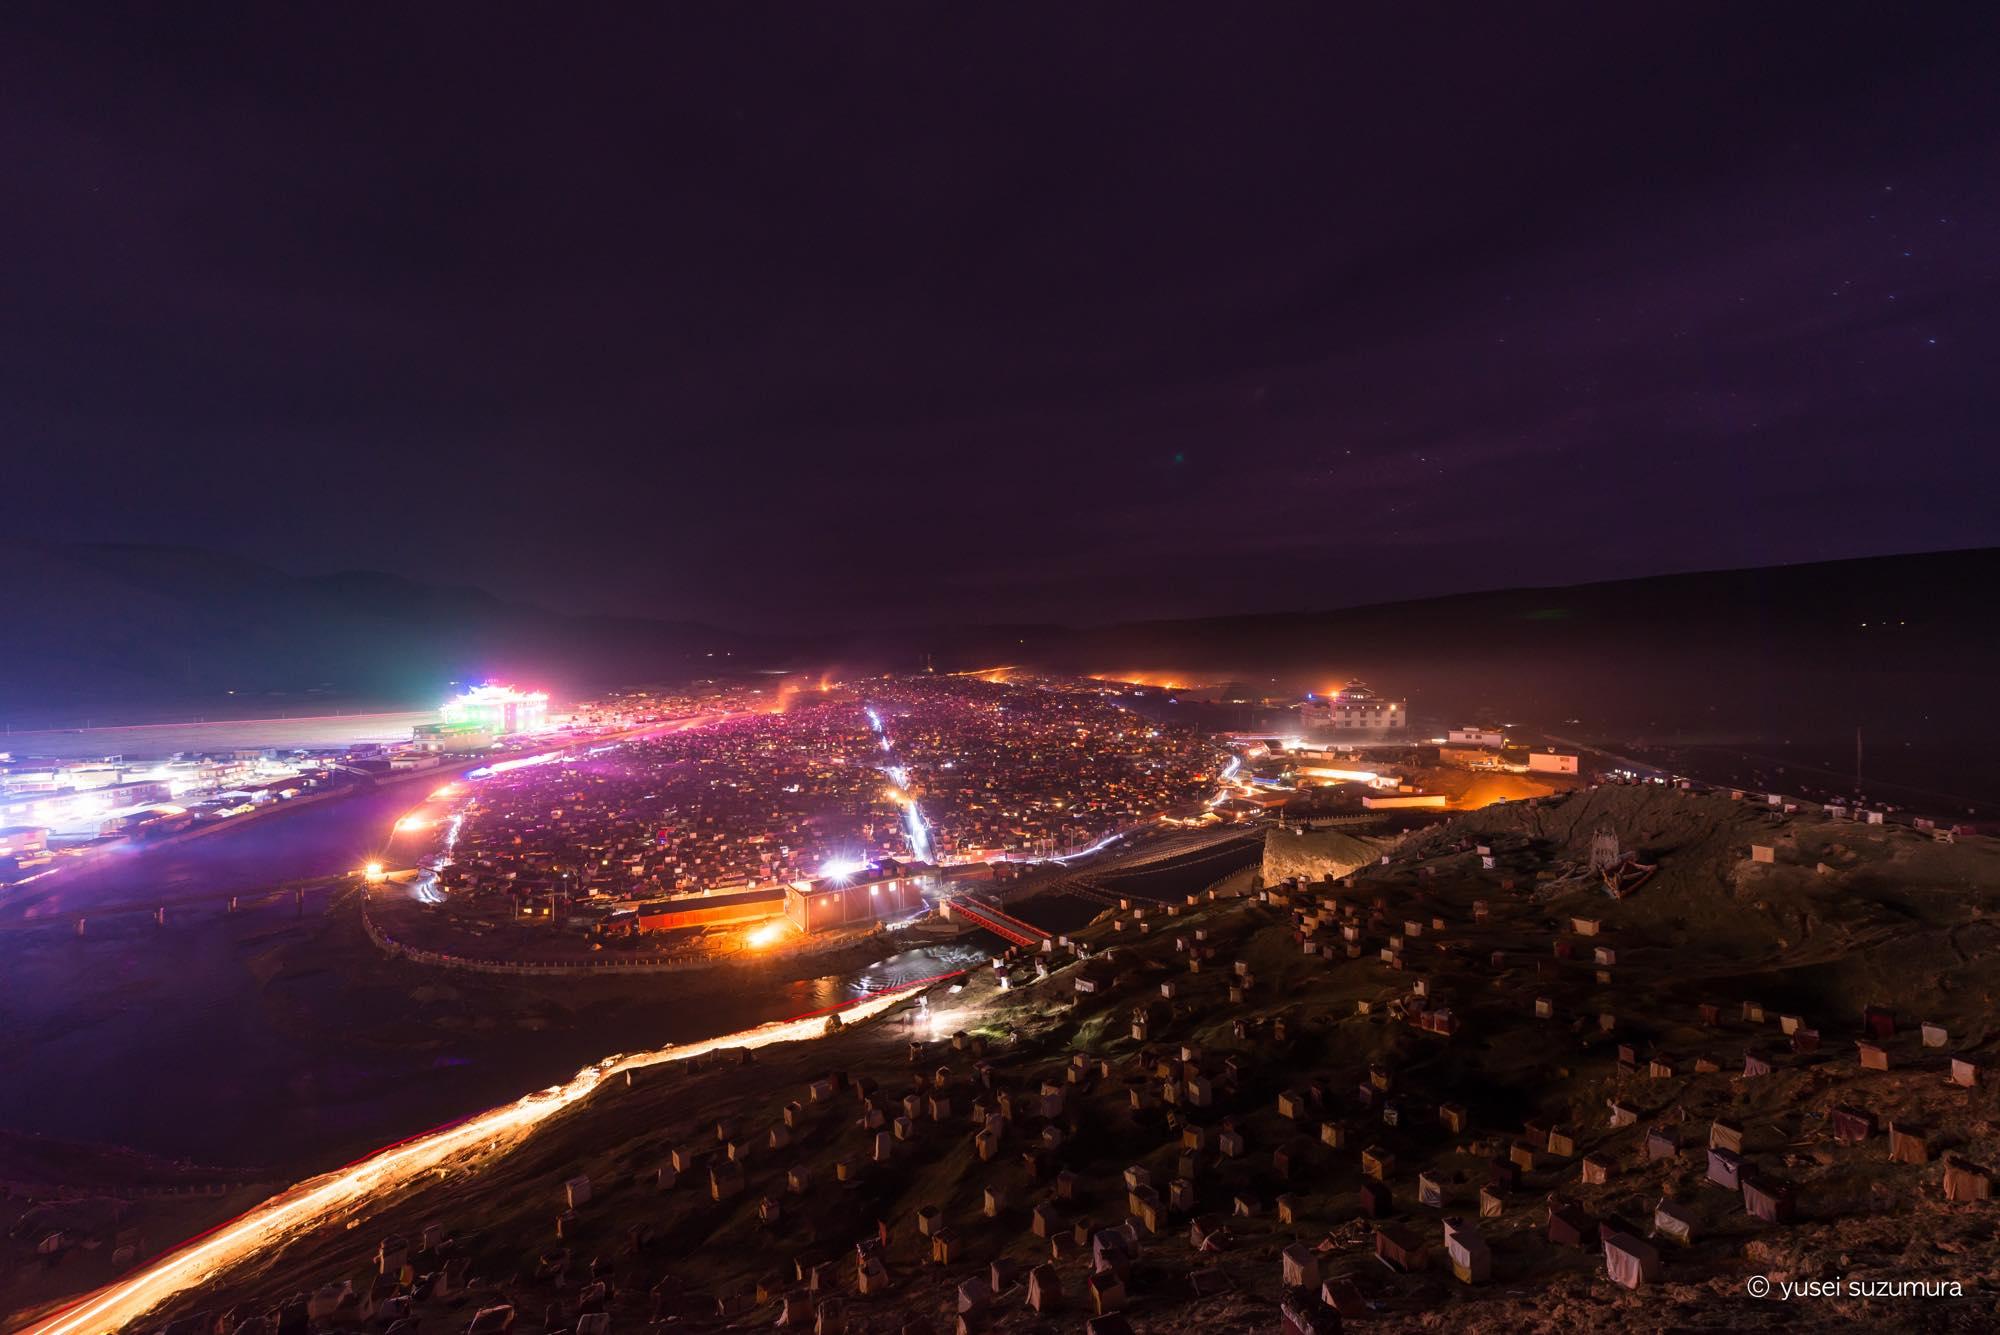 アチェンガルゴンパ 夜景